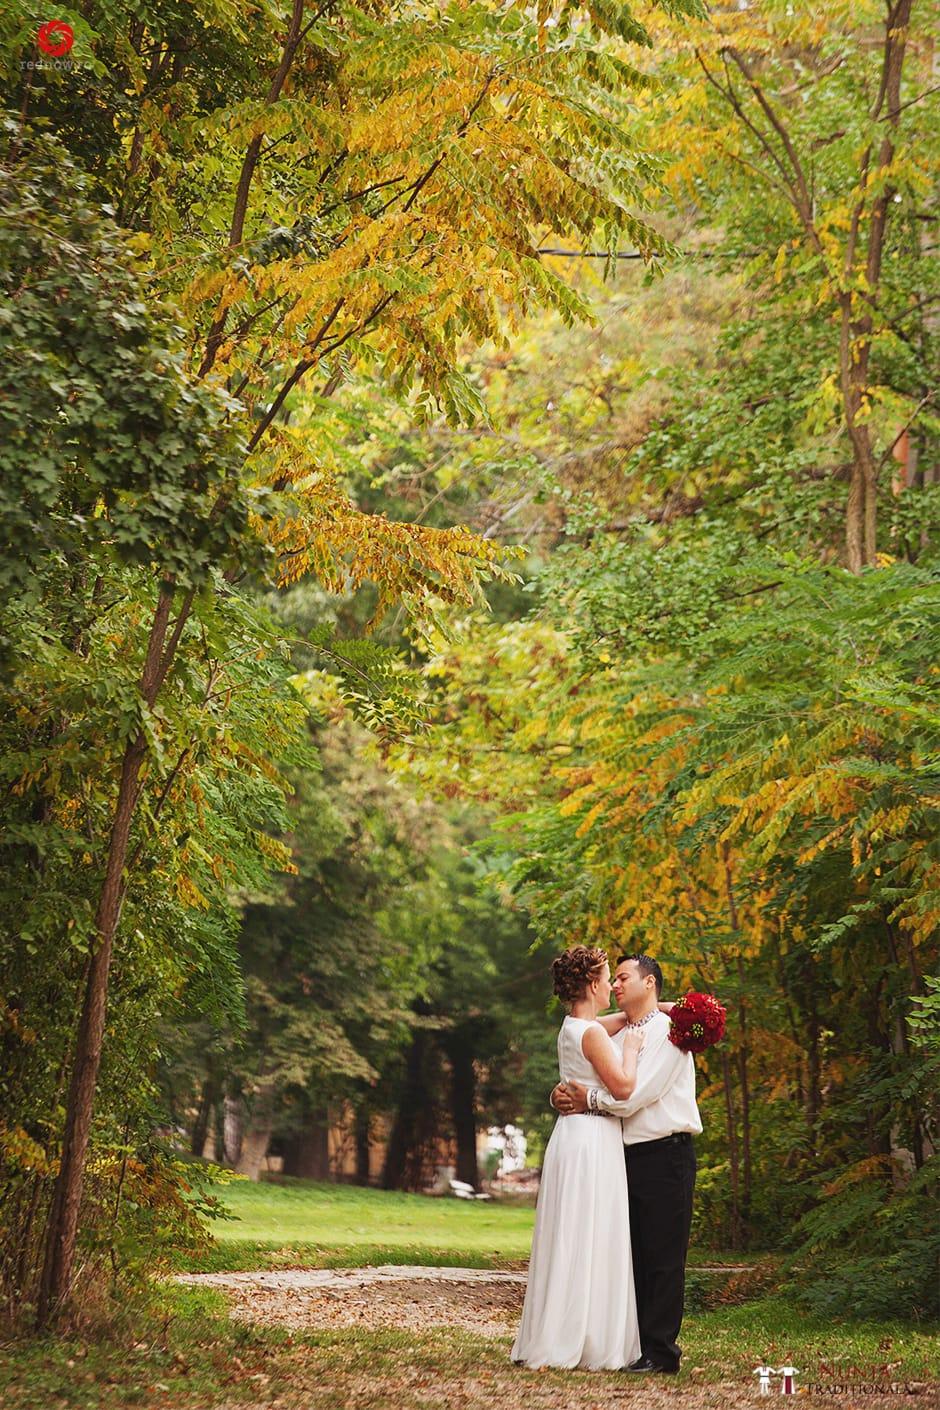 Povești Nunți Tradiționale - Ionatan și Andrea - Nuntă în Crișana. Să ne îmbătăm cu veselia nunții, în culorile toamnei 91